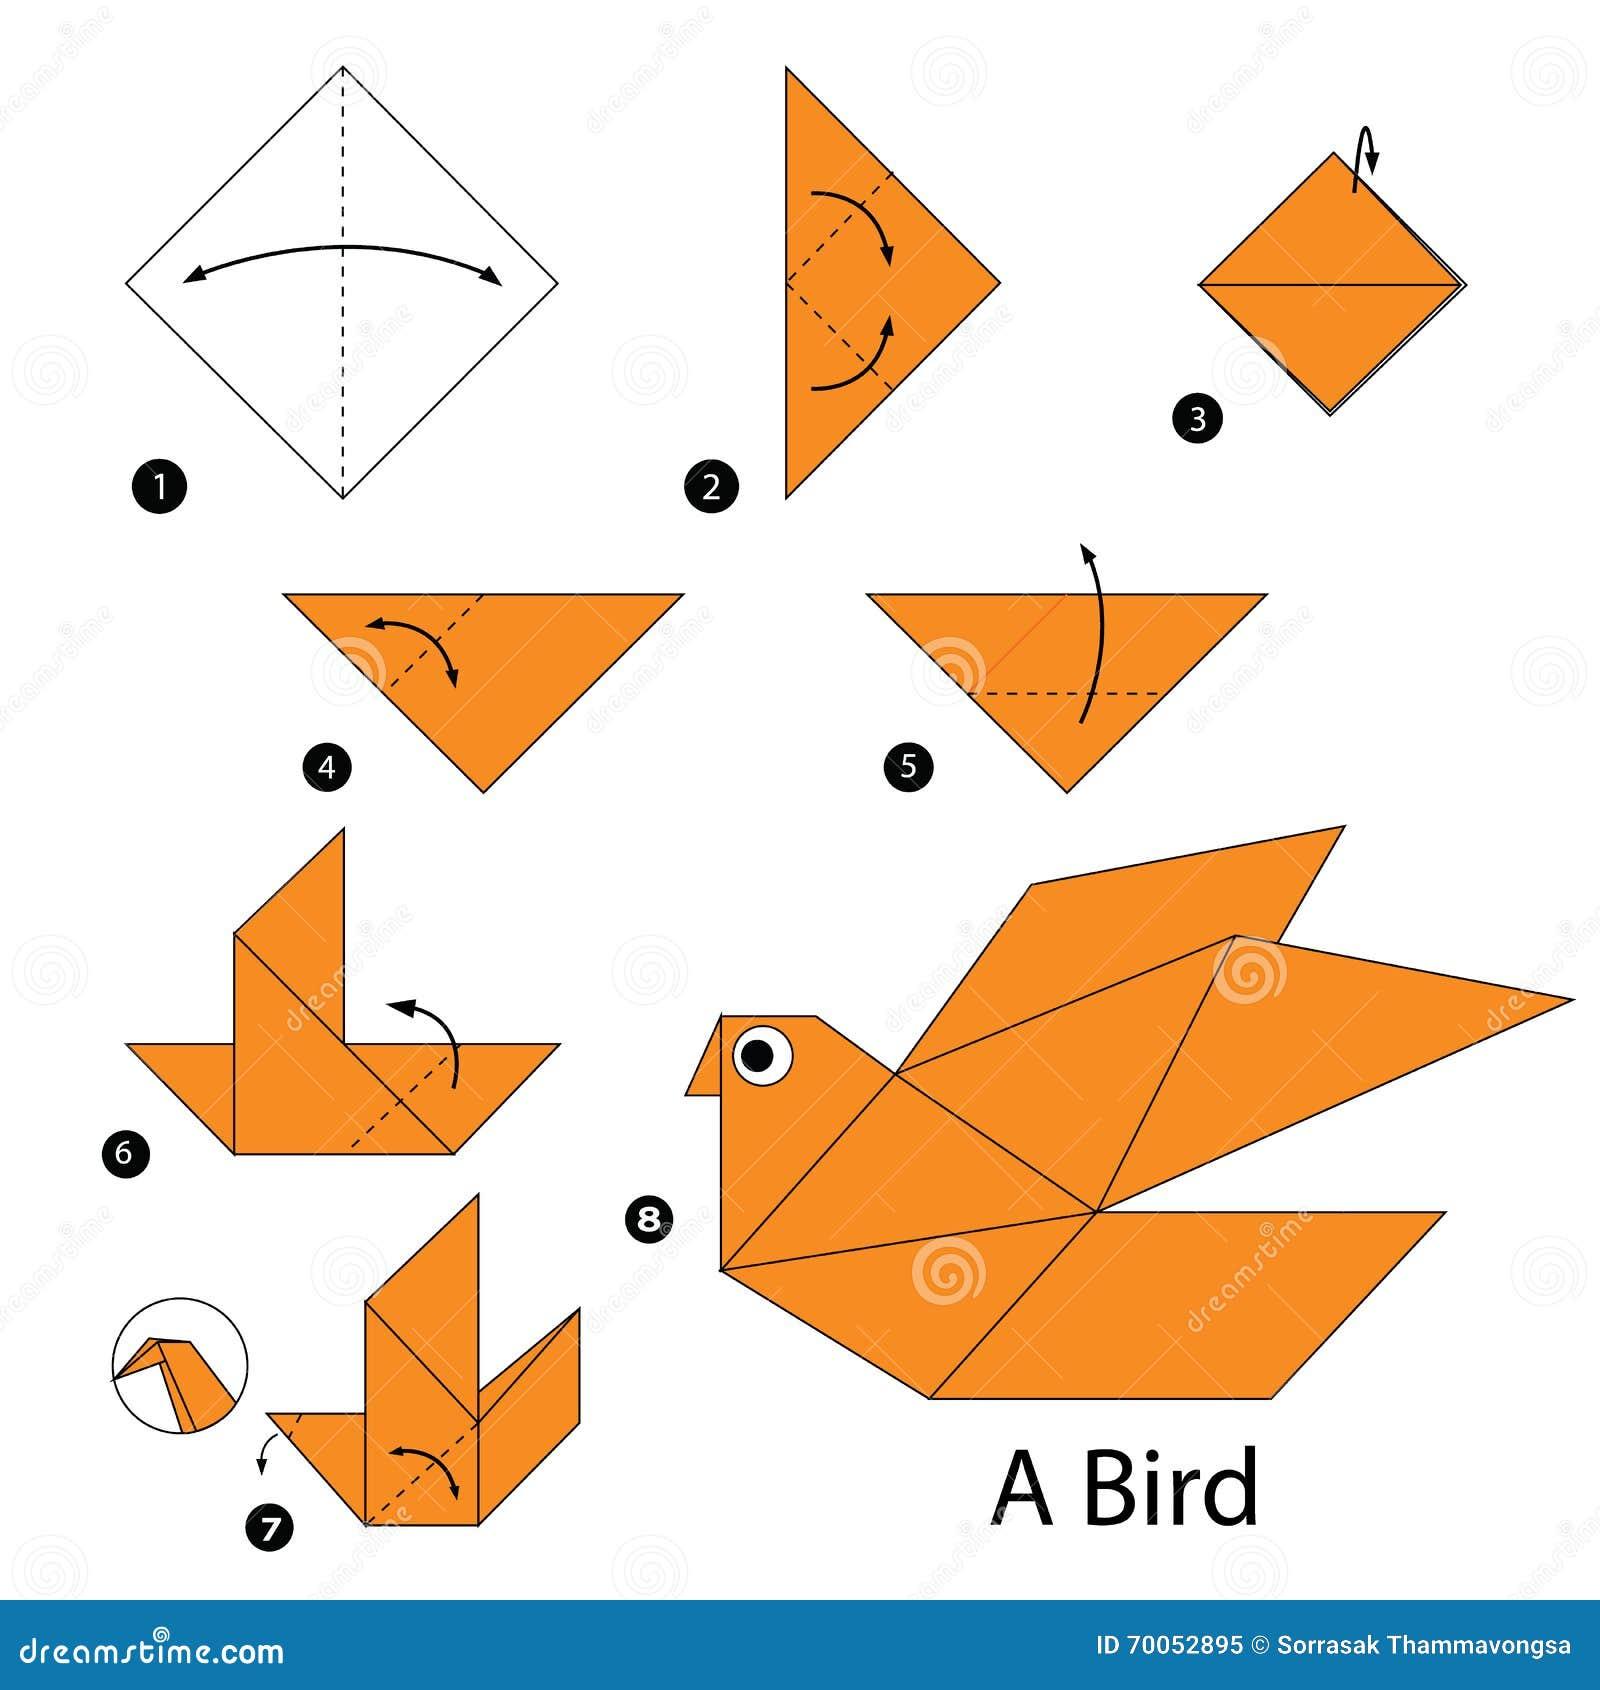 Поделки из бумаги для детей 5-6 лет, мастер-классы поэтапно 70